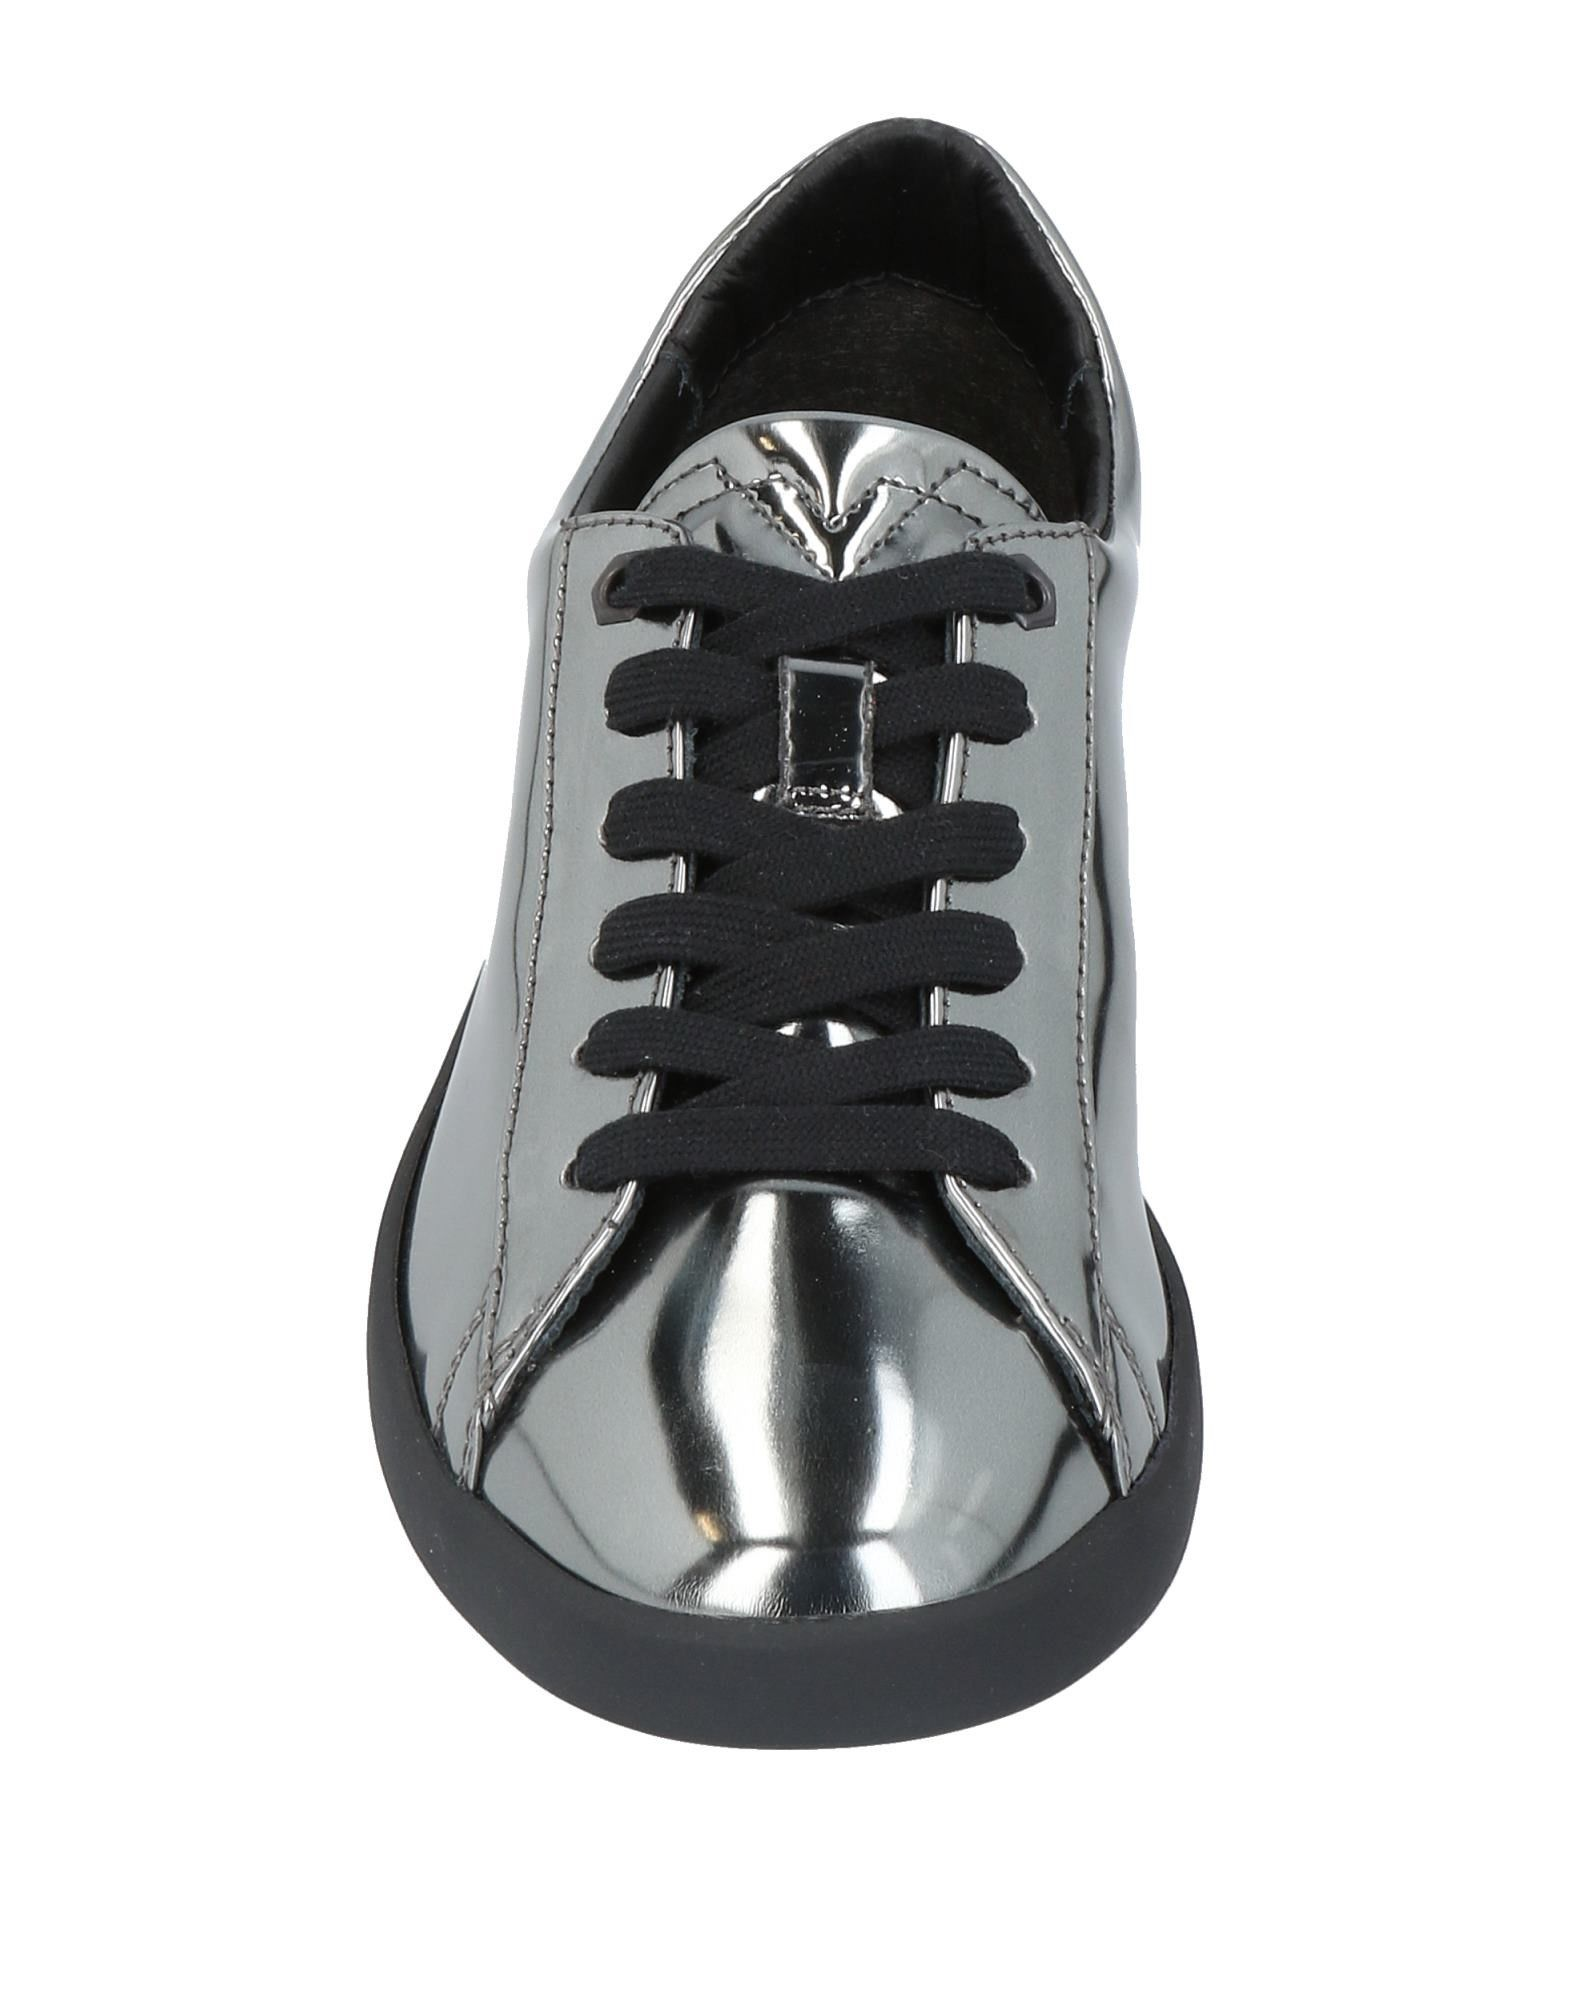 Diesel Sneakers Damen  11417155GI Schuhe Gute Qualität beliebte Schuhe 11417155GI 722b79